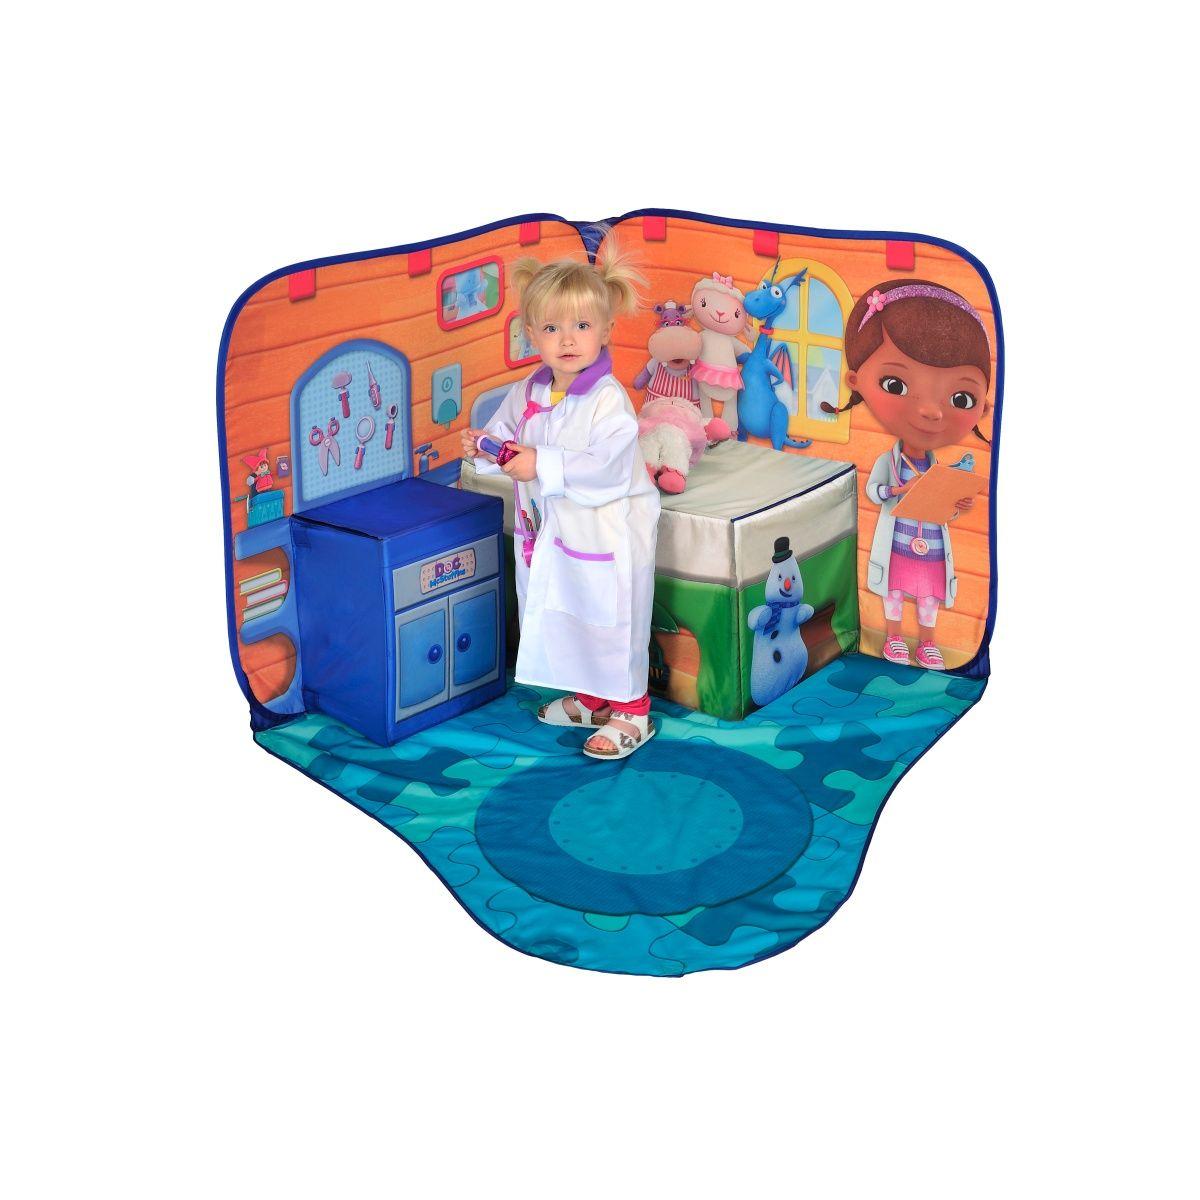 Doc McStuffins 3D Playscape - Smyths Toys